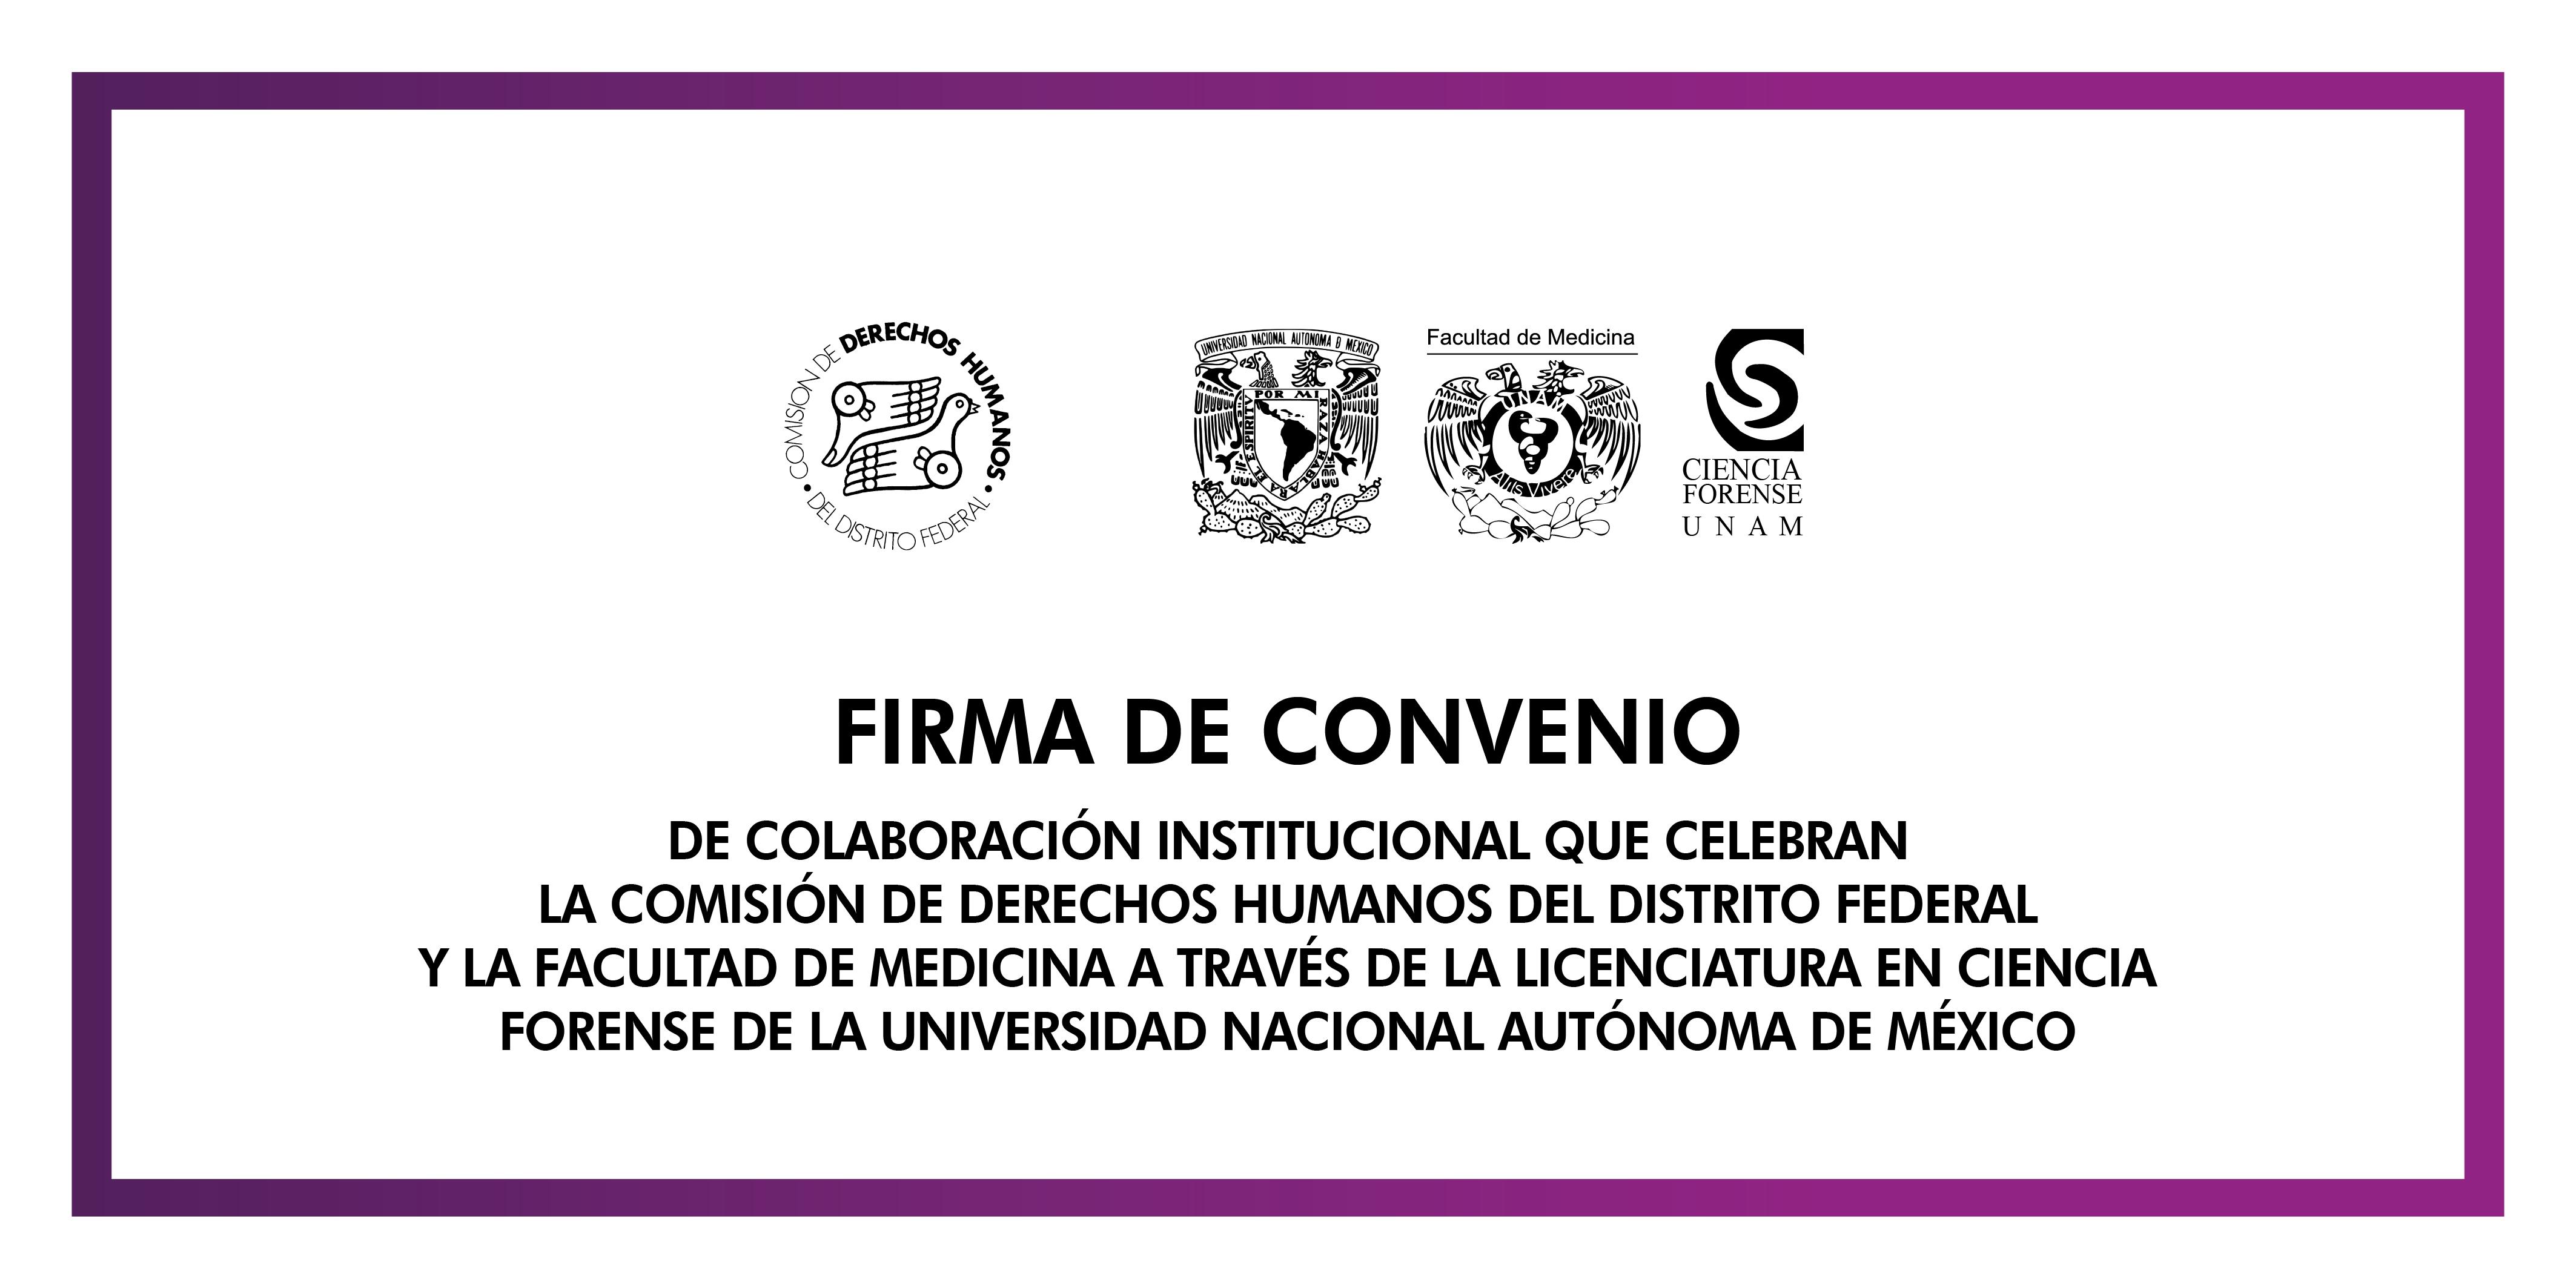 Firma de Convenio de Colaboración Institucional con la Facultad de Medicina, a través de la Licenciatura en Ciencia Forense, de la UNAM. @ CDHDF